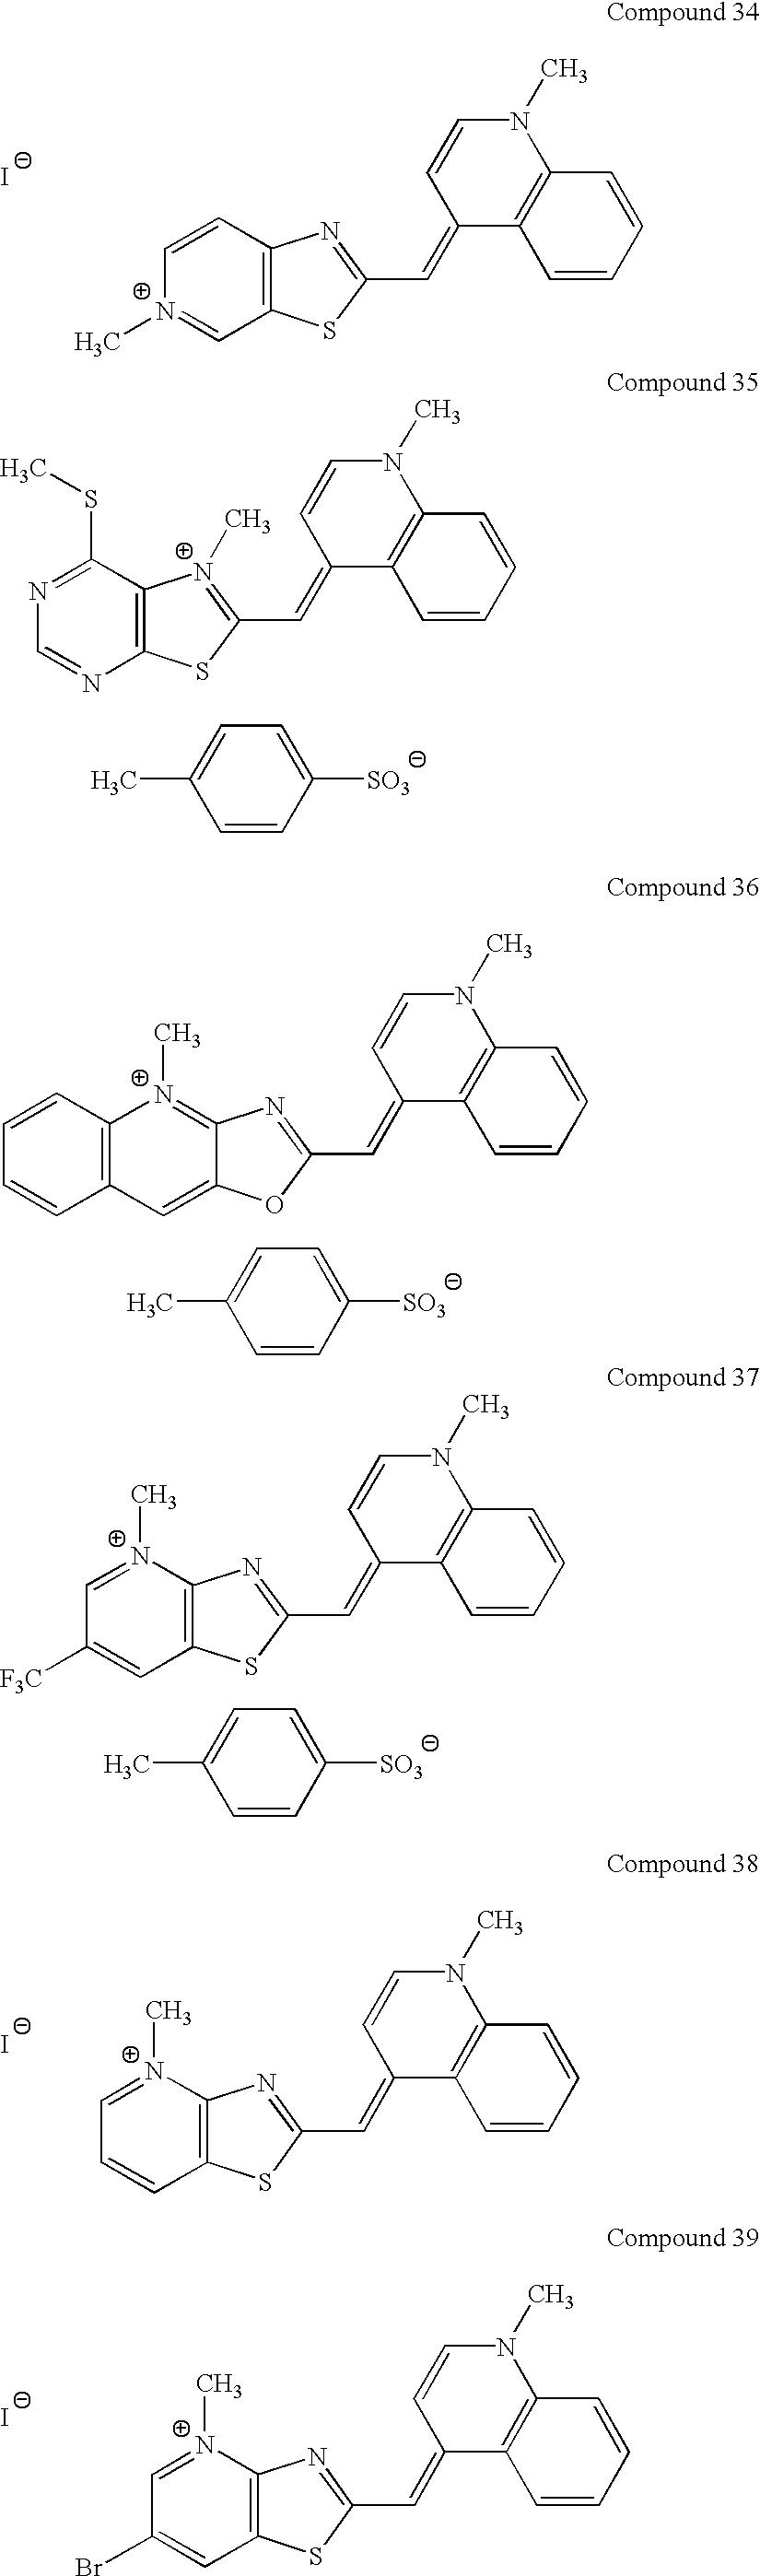 Figure US06664047-20031216-C00075